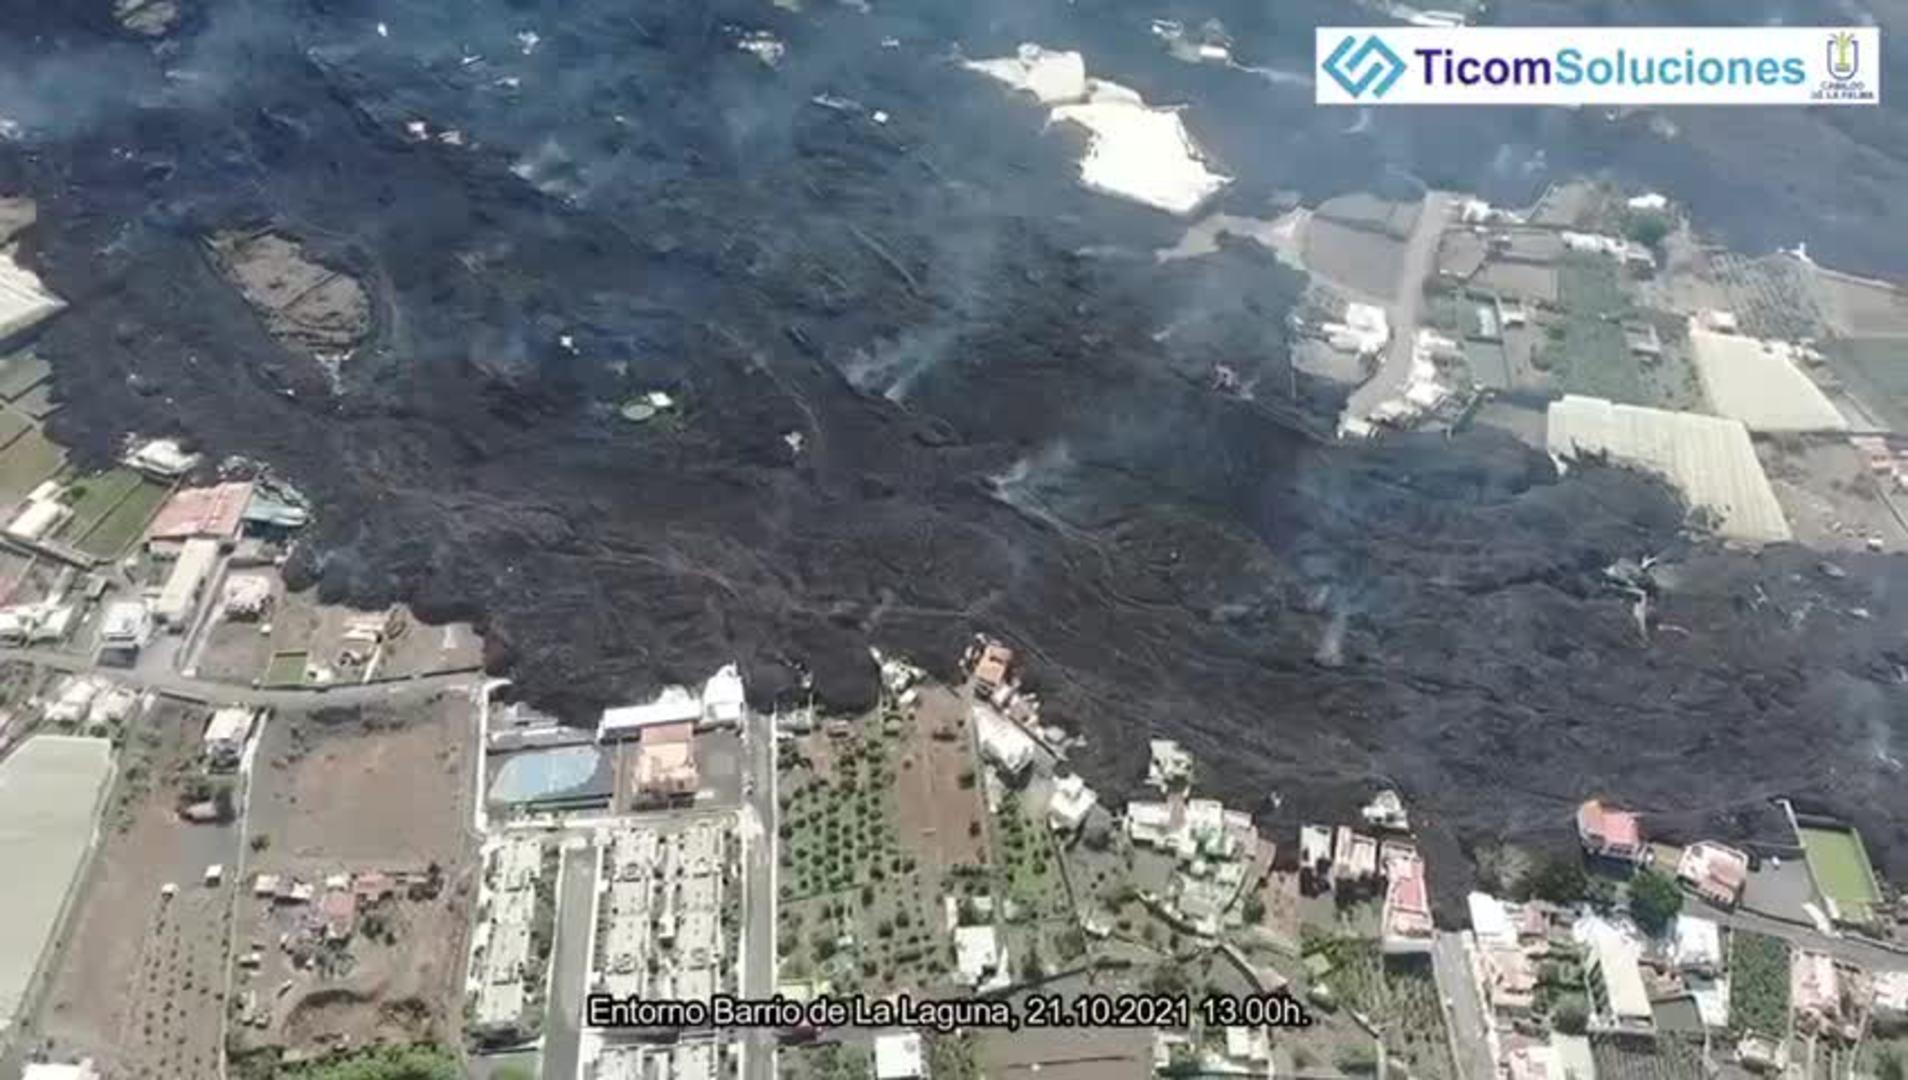 Volcán de La Palma en el entorno del Barrio de La Laguna